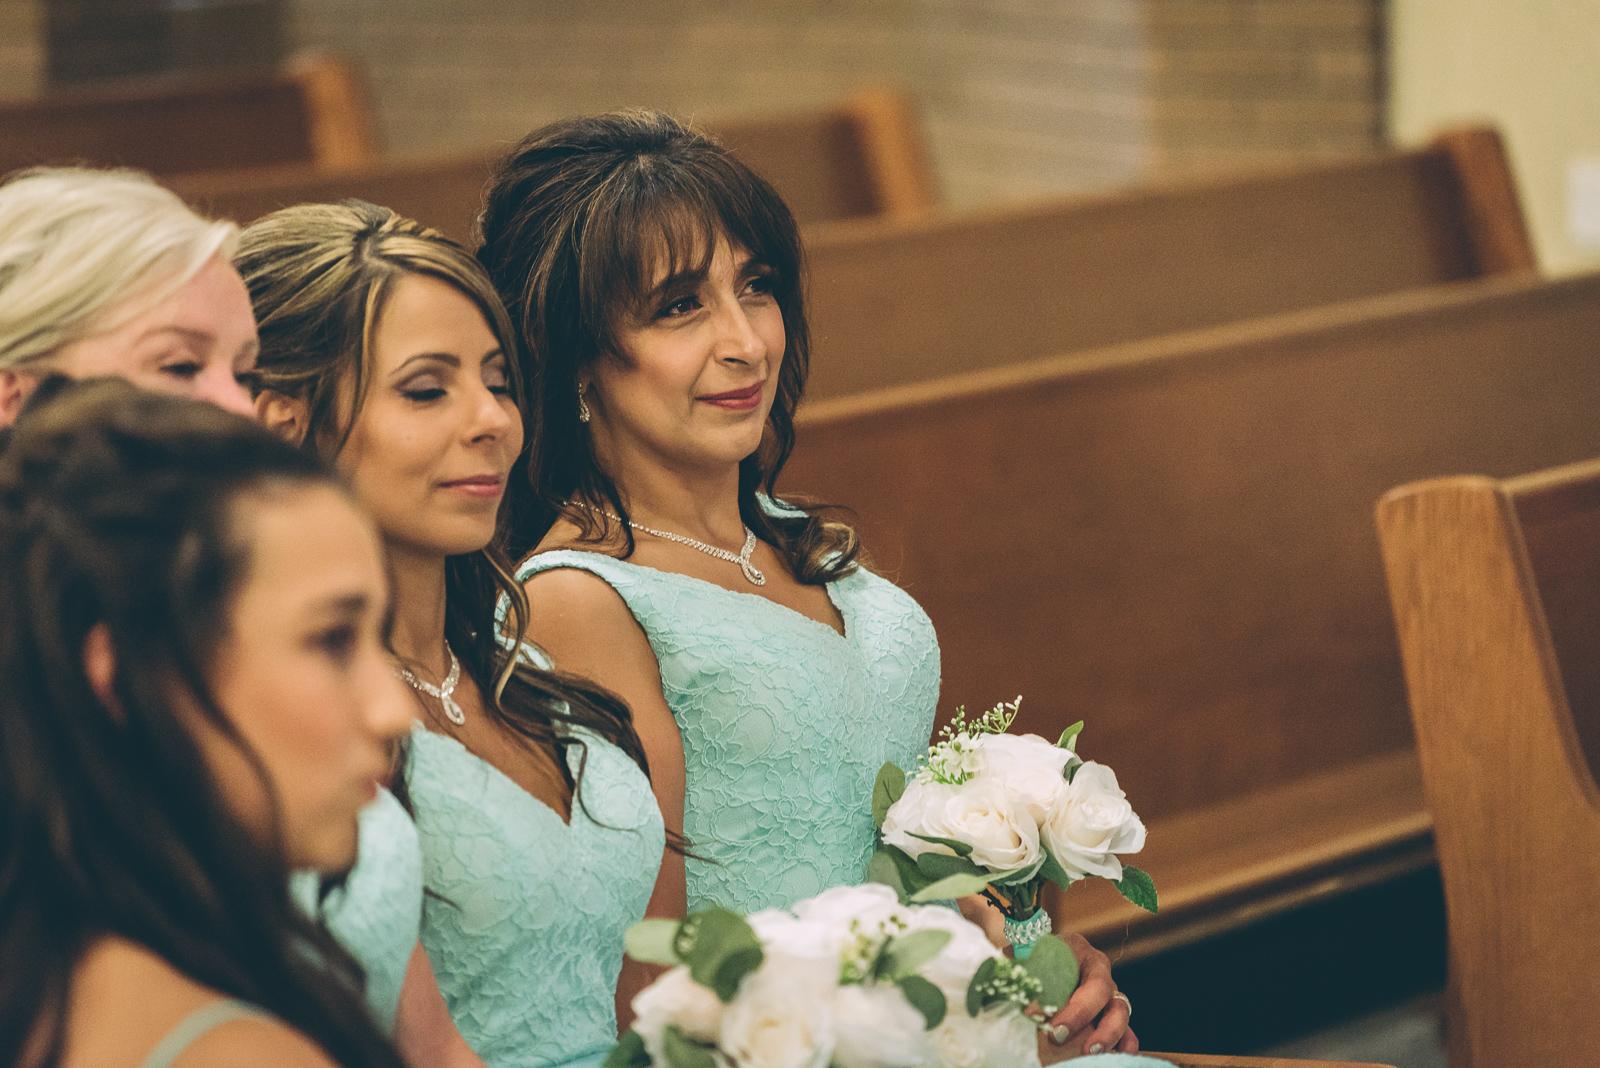 dan-josie-wedding-blog-108.jpg